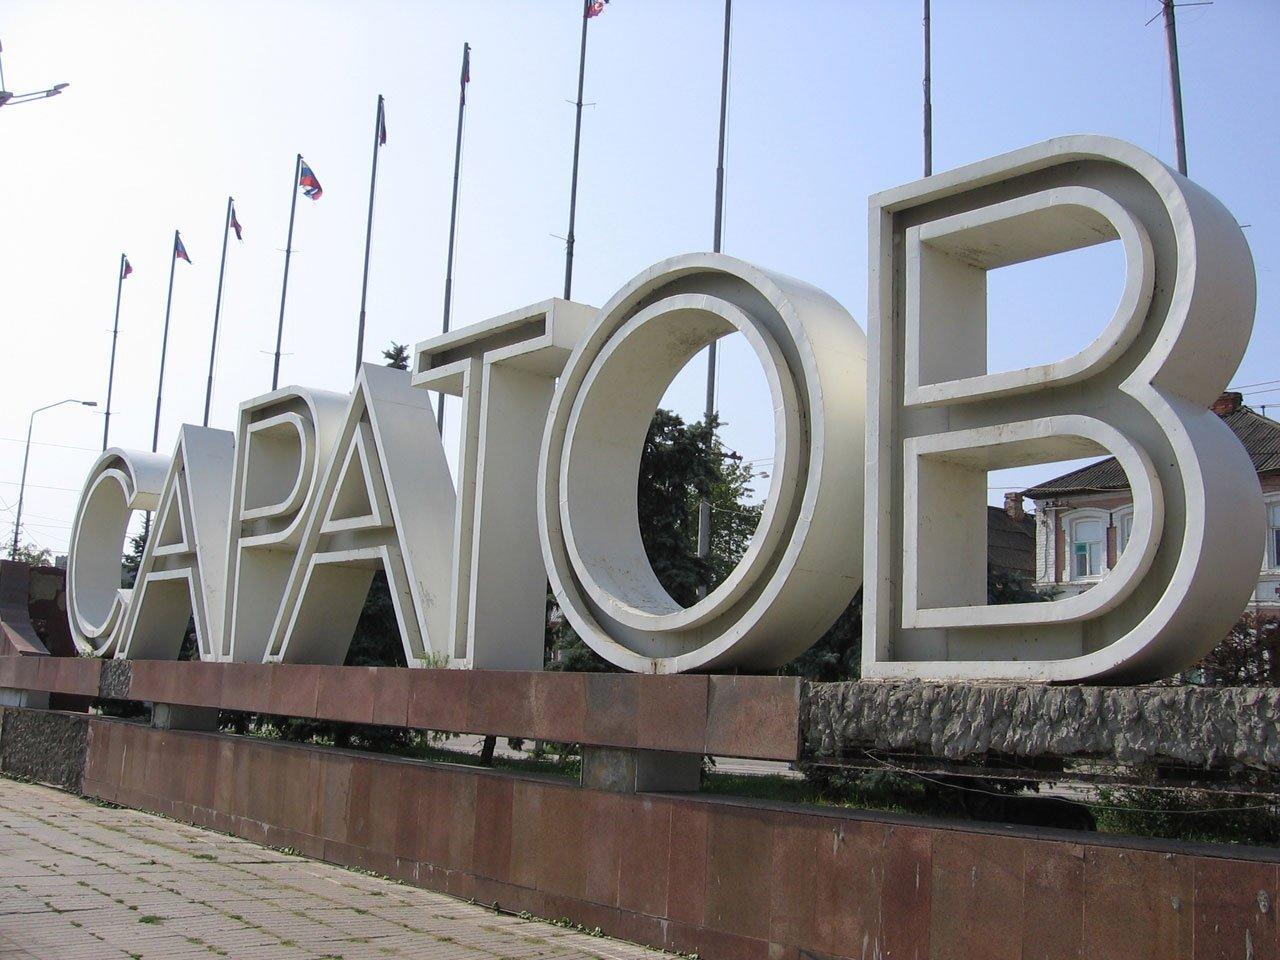 Список воинских частей Саратова и Саратовской области